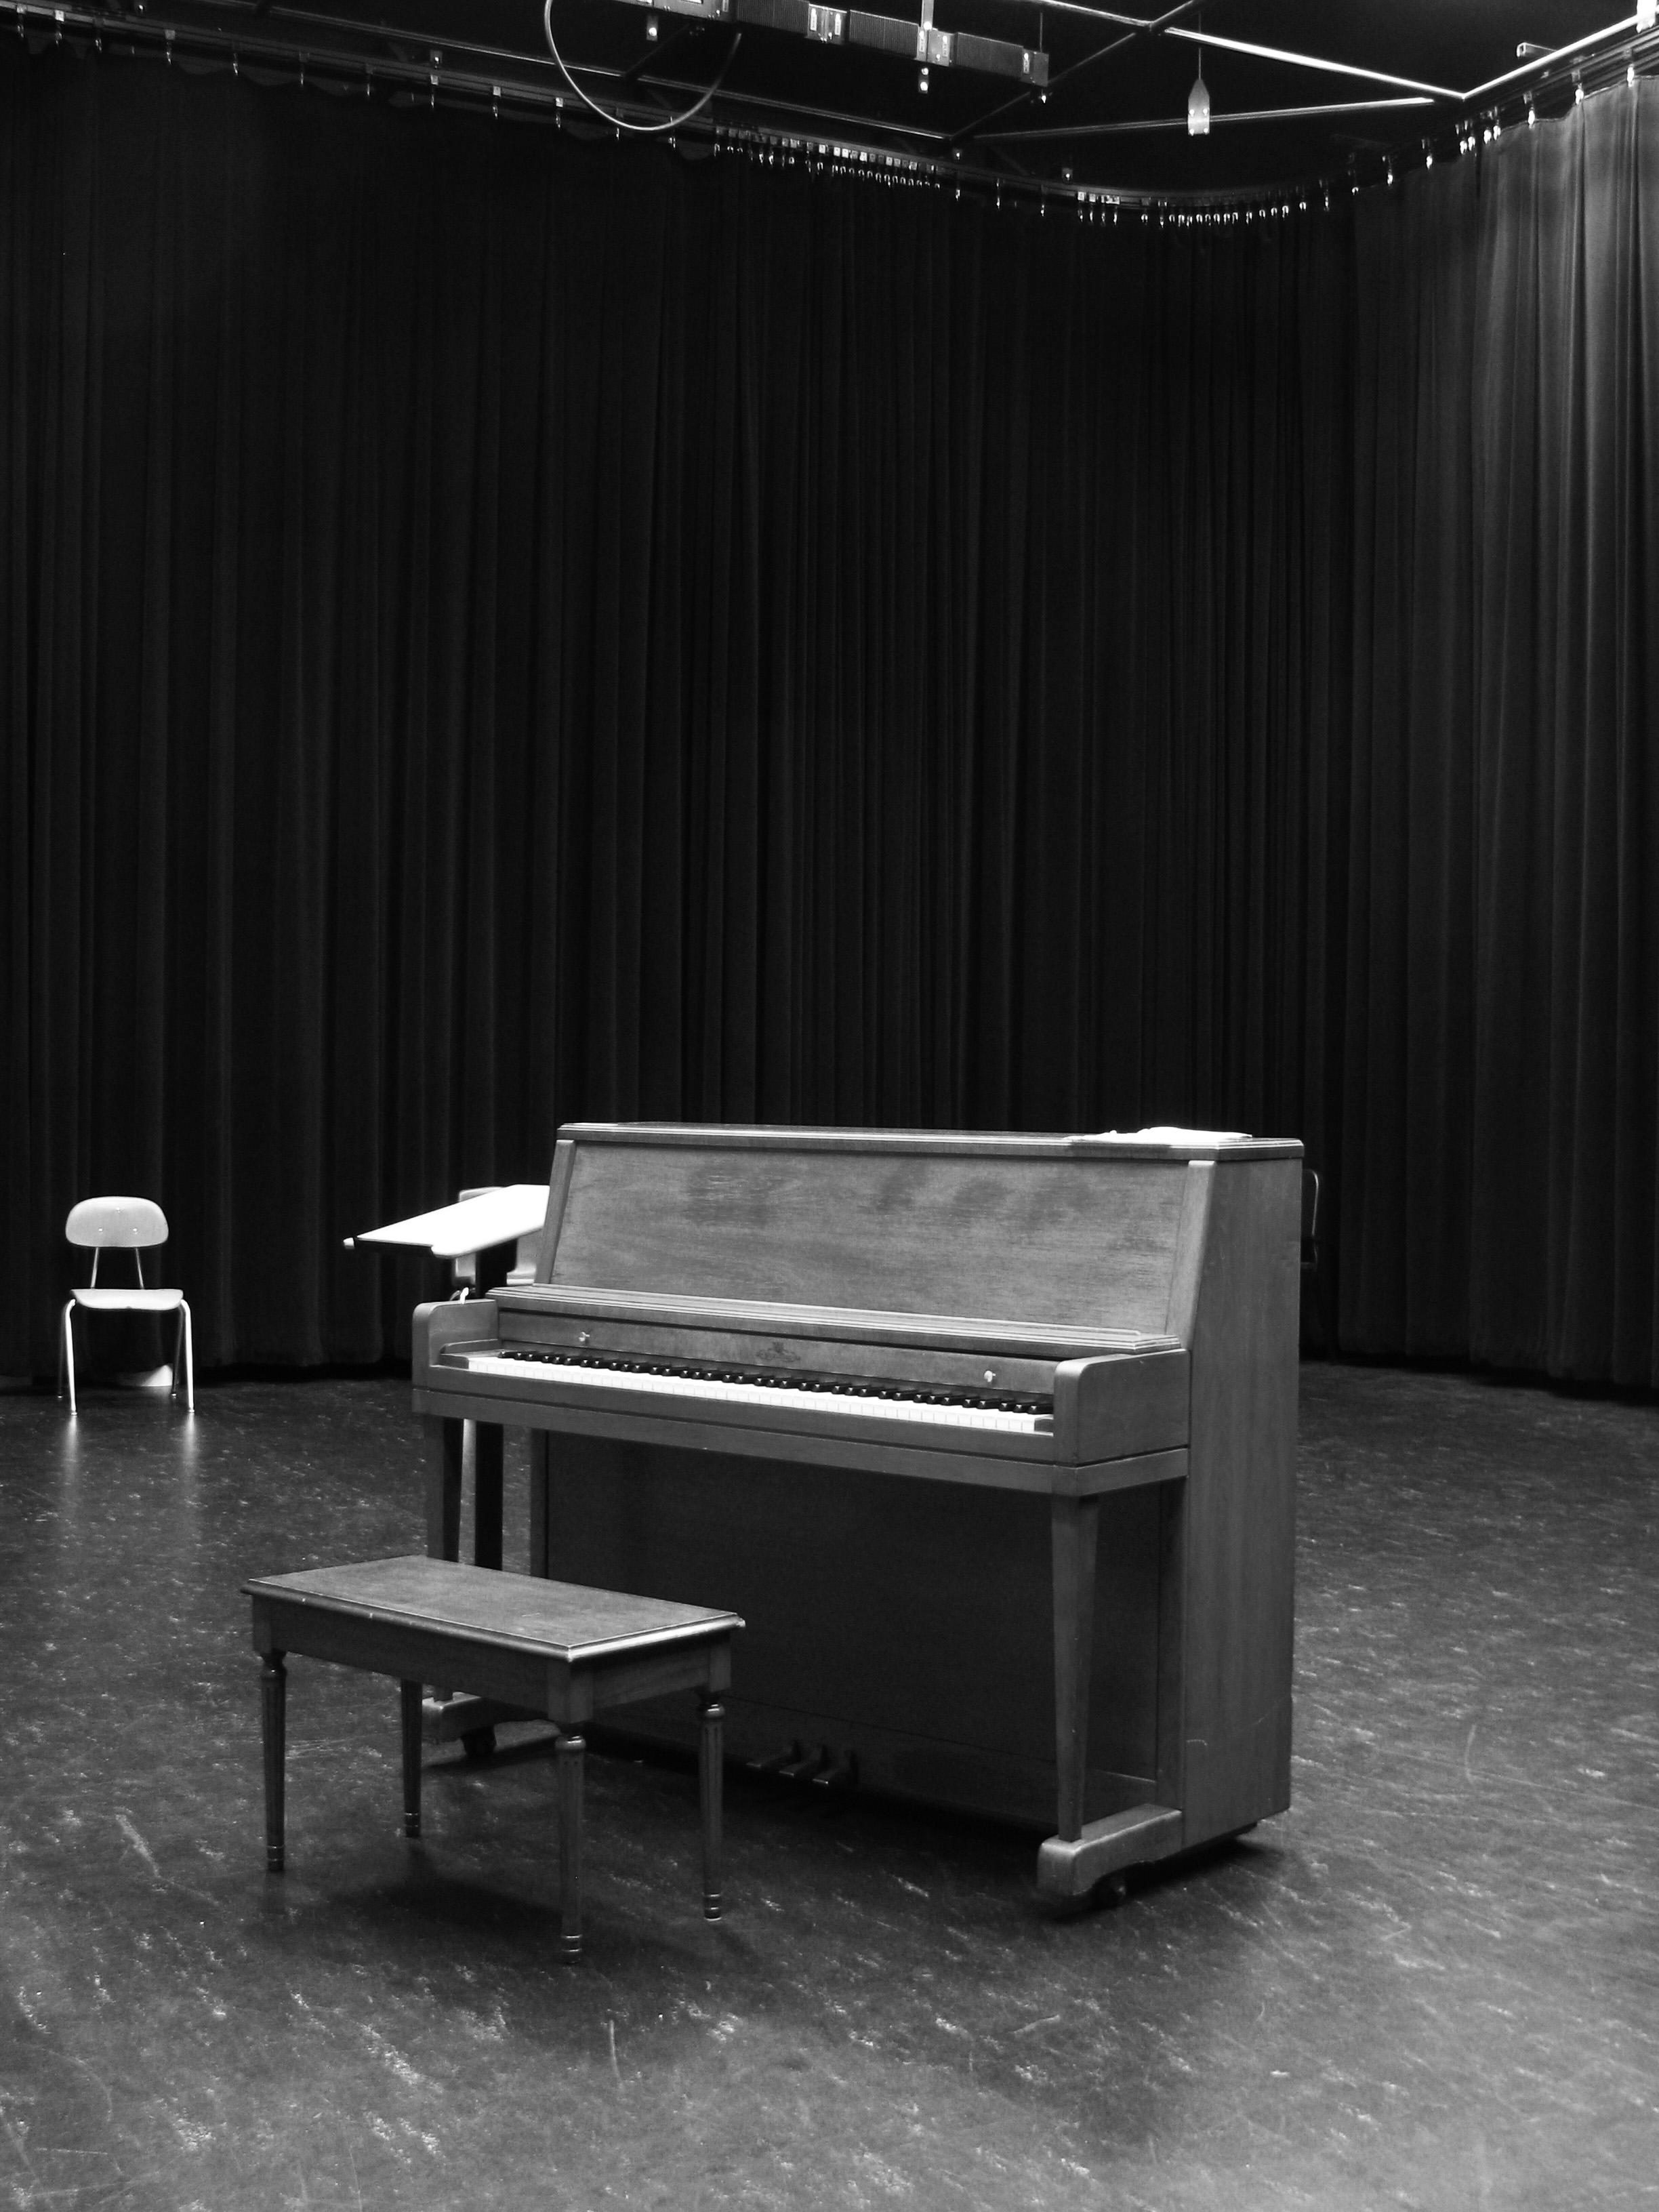 Piano sur scène